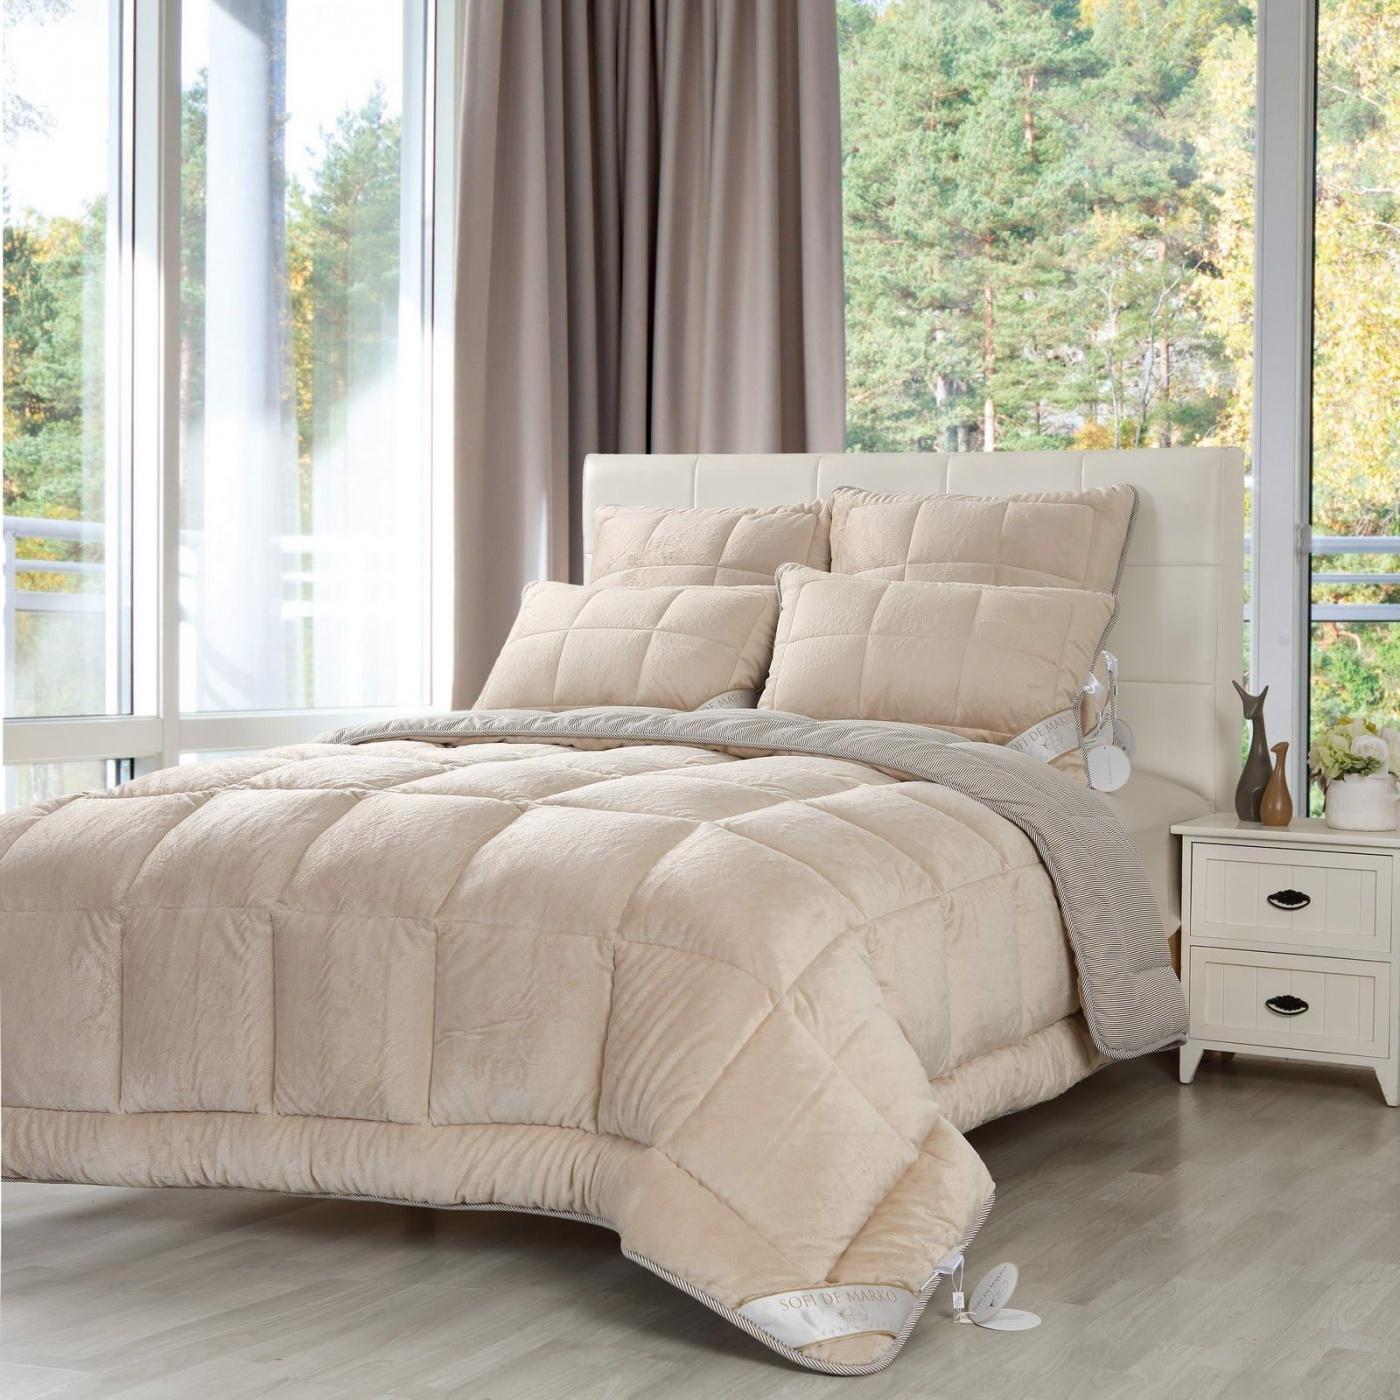 Одеяло Extra soft цвет: бежевый (195х215 см)